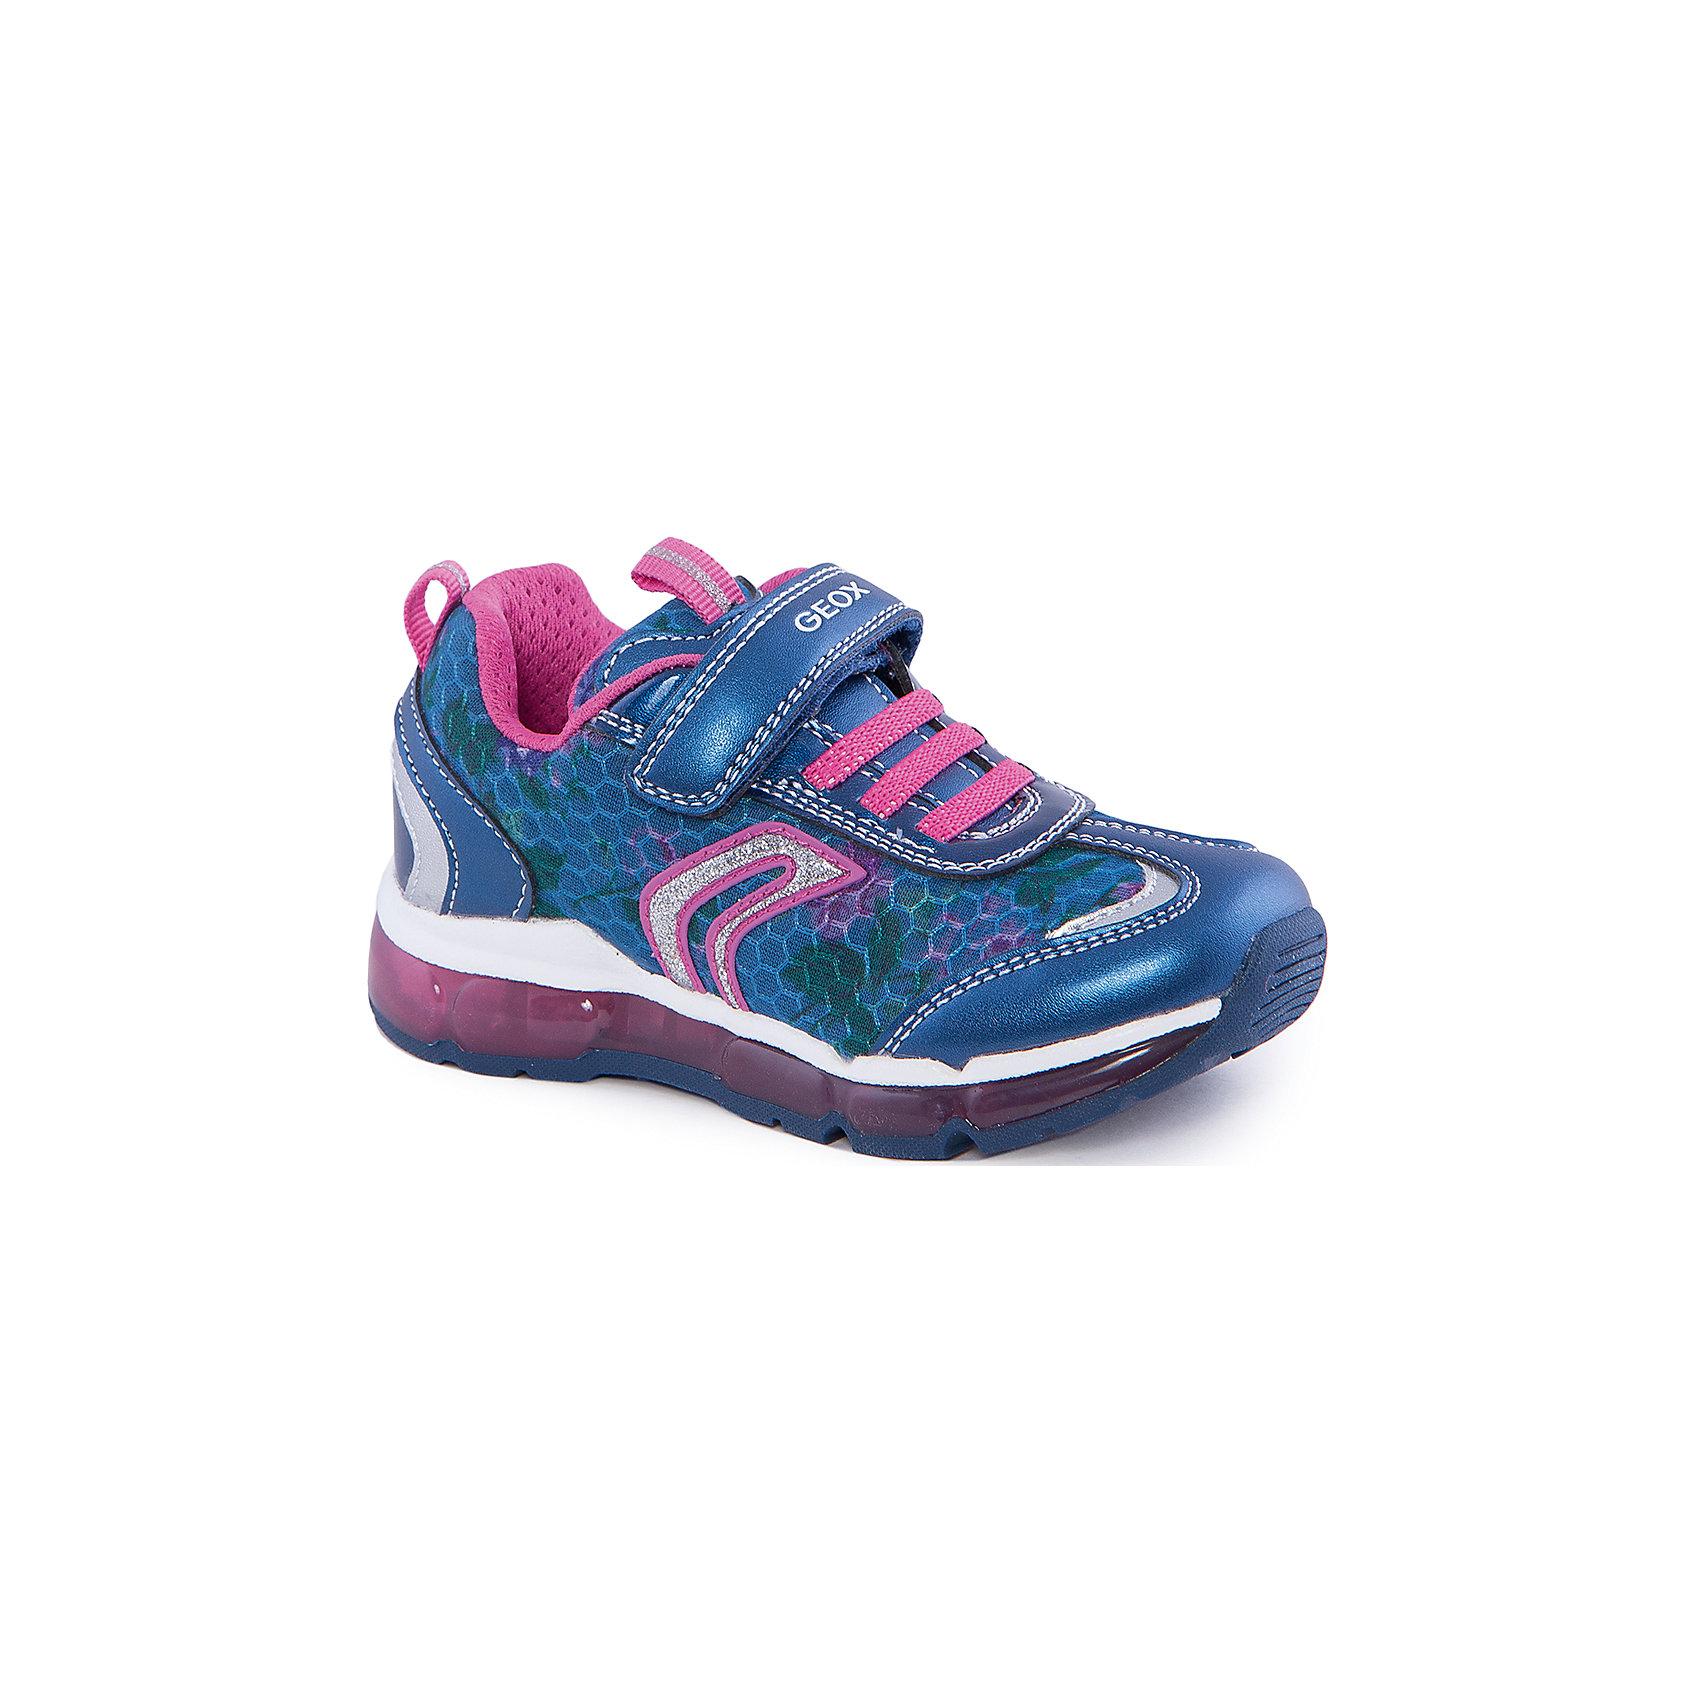 Кроссовки со светодиодами для девочки GEOXКроссовки для девочки от популярной марки GEOX (Геокс).<br><br>Модные легкие кроссовки - отличная обувь для нового весеннего сезона. Модель очень стильно и оригинально смотрится.<br>Производитель обуви заботится не только о внешнем виде, но и стабильно высоком качестве продукции. GEOX (Геокс) разработал специальную дышащую подошву, которая не пропускает влагу внутрь, а также высокотехнологичную стельку.<br><br>Отличительные особенности модели:<br><br>- цвет: синий;<br>- декорированы белыми и розовыми элементами;<br>- гибкая водоотталкивающая подошва с дышащей мембраной;<br>- мягкий и легкий верх;<br>- защита пальцев и пятки;<br>- стильный дизайн;<br>- удобная застежка-липучка и шнуровка;<br>- комфортное облегание;<br>- верх обуви и подкладка сделаны без использования хрома.<br><br>Дополнительная информация:<br><br>- Температурный режим: от +10° С до 25° С.<br><br>- Состав:<br><br>материал верха: текстиль, синтетический материал<br>материал подкладки: текстиль<br>подошва: 100% резина<br><br>Кроссовки для девочки GEOX (Геокс) (Геокс) можно купить в нашем магазине.<br><br>Ширина мм: 250<br>Глубина мм: 150<br>Высота мм: 150<br>Вес г: 250<br>Цвет: синий<br>Возраст от месяцев: 60<br>Возраст до месяцев: 72<br>Пол: Женский<br>Возраст: Детский<br>Размер: 29,26,33,34,27,28,30,31,32<br>SKU: 4519170